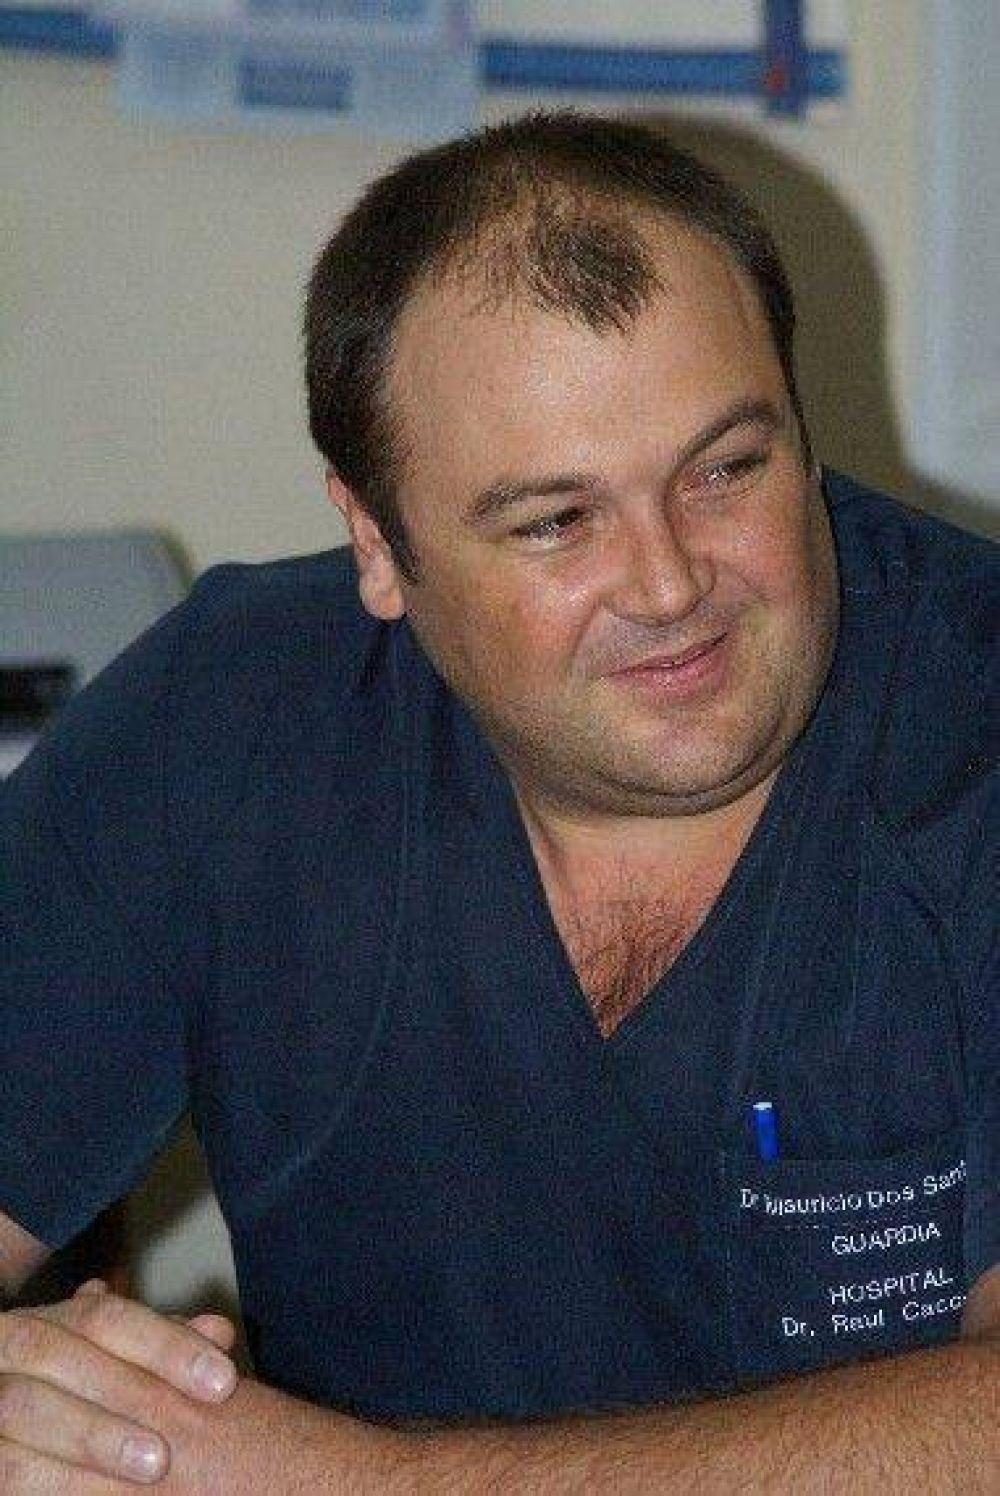 El Secretario de Salud respaldó la decisión para que el Dr. Juan Carlos Battista se haga cargo del Servicio de Cardiología del Hospital Municipal.